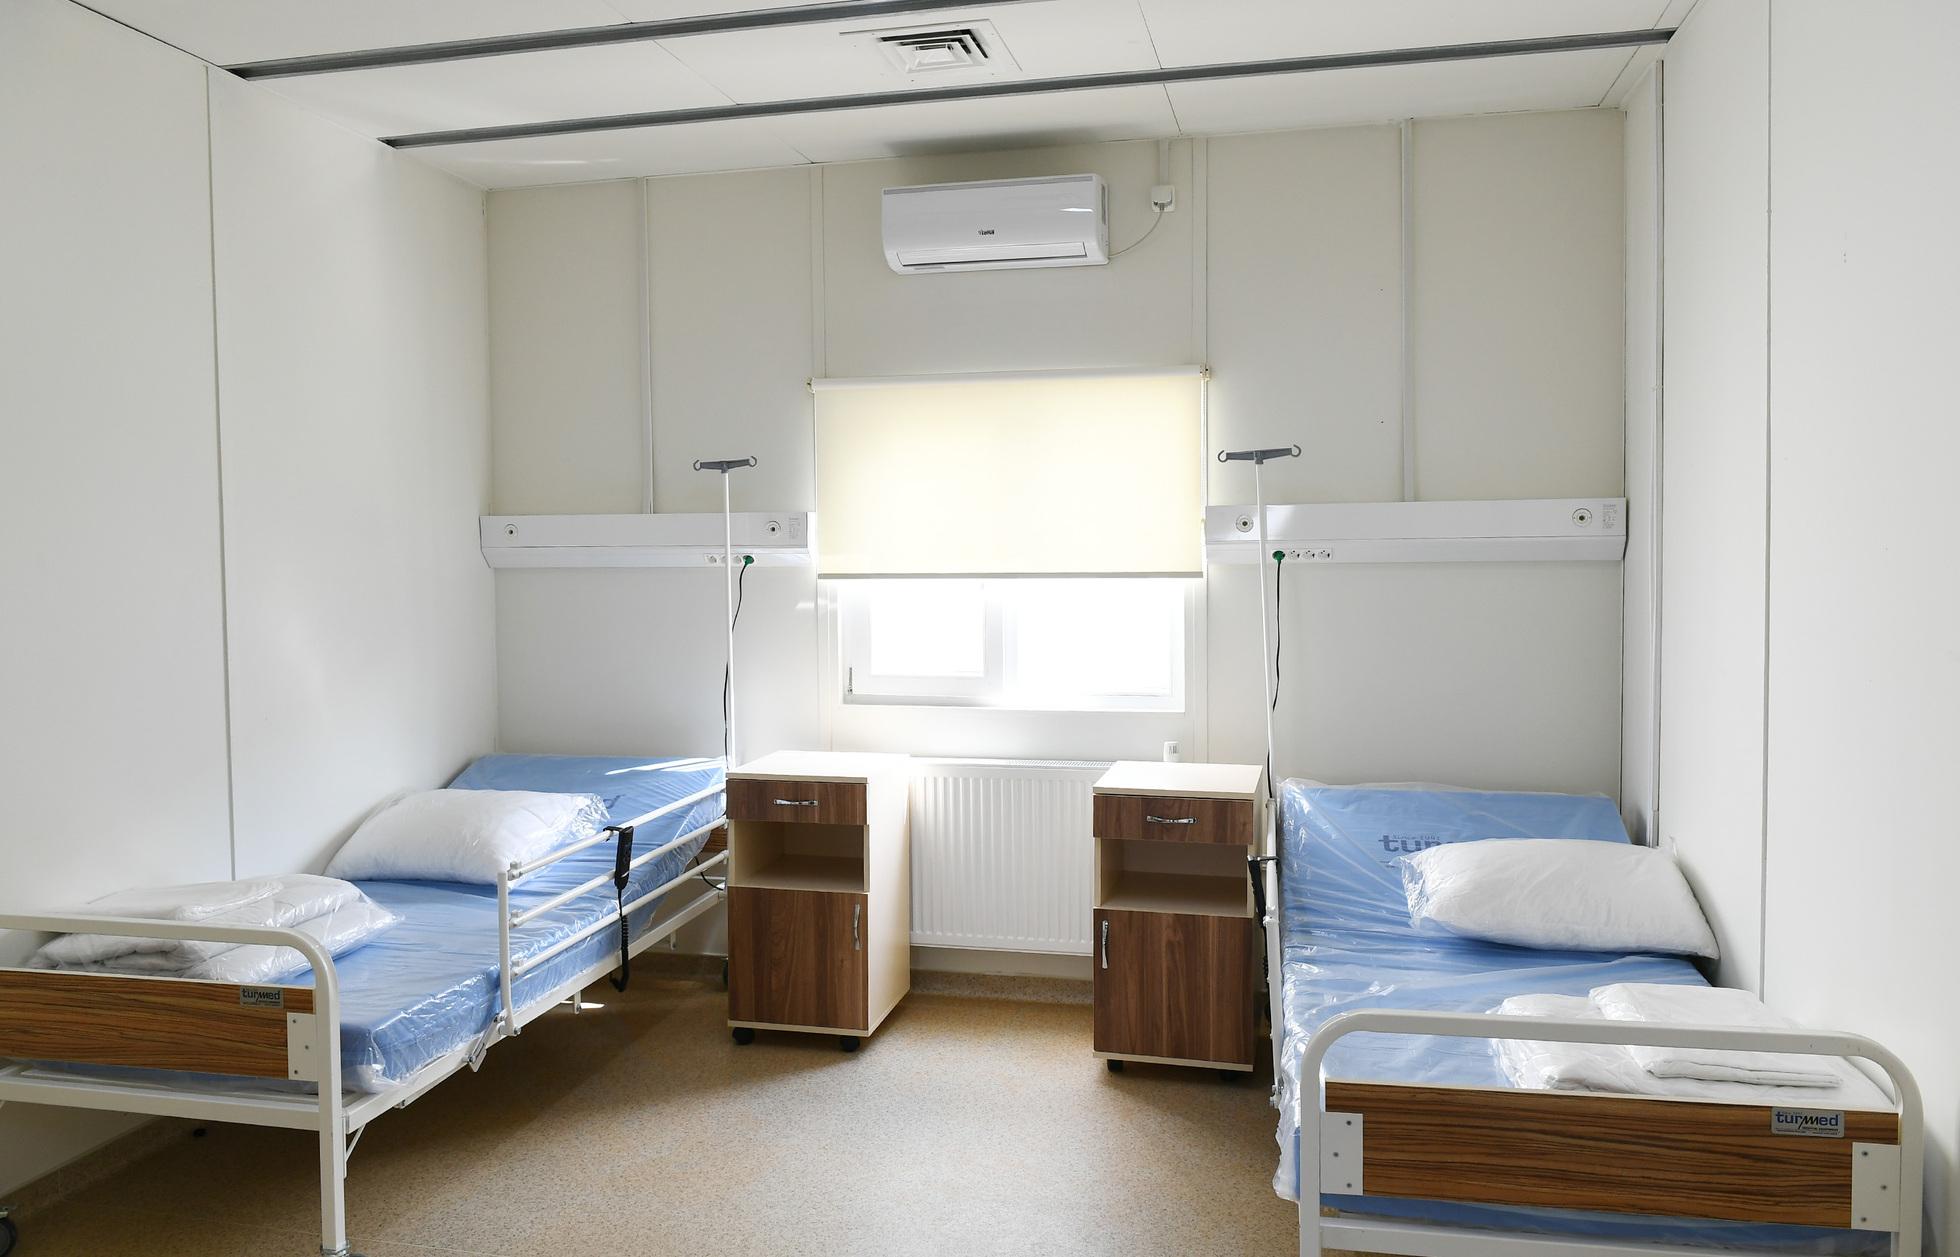 210 заболели: оперштаб обновил данные о COVID-19 в Кировской области